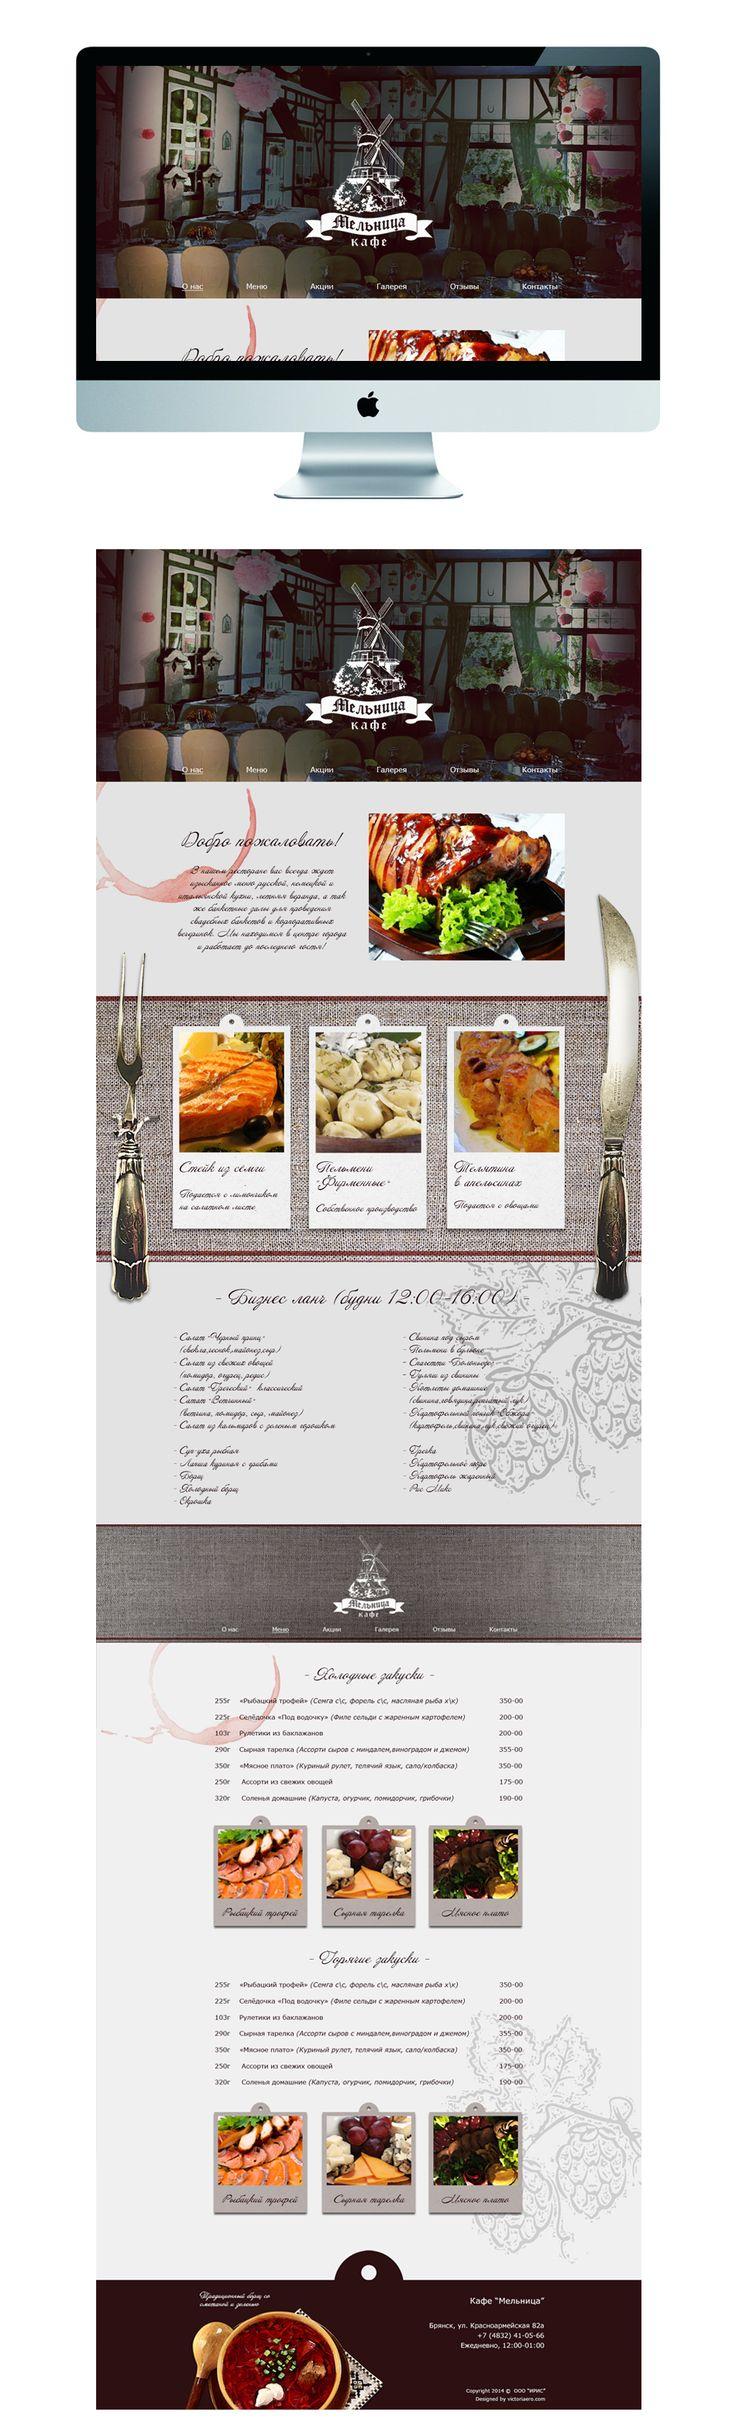 Сайт кафе «Мельница» - Разработка вкусного презентационного сайта для кафе «Мельница»